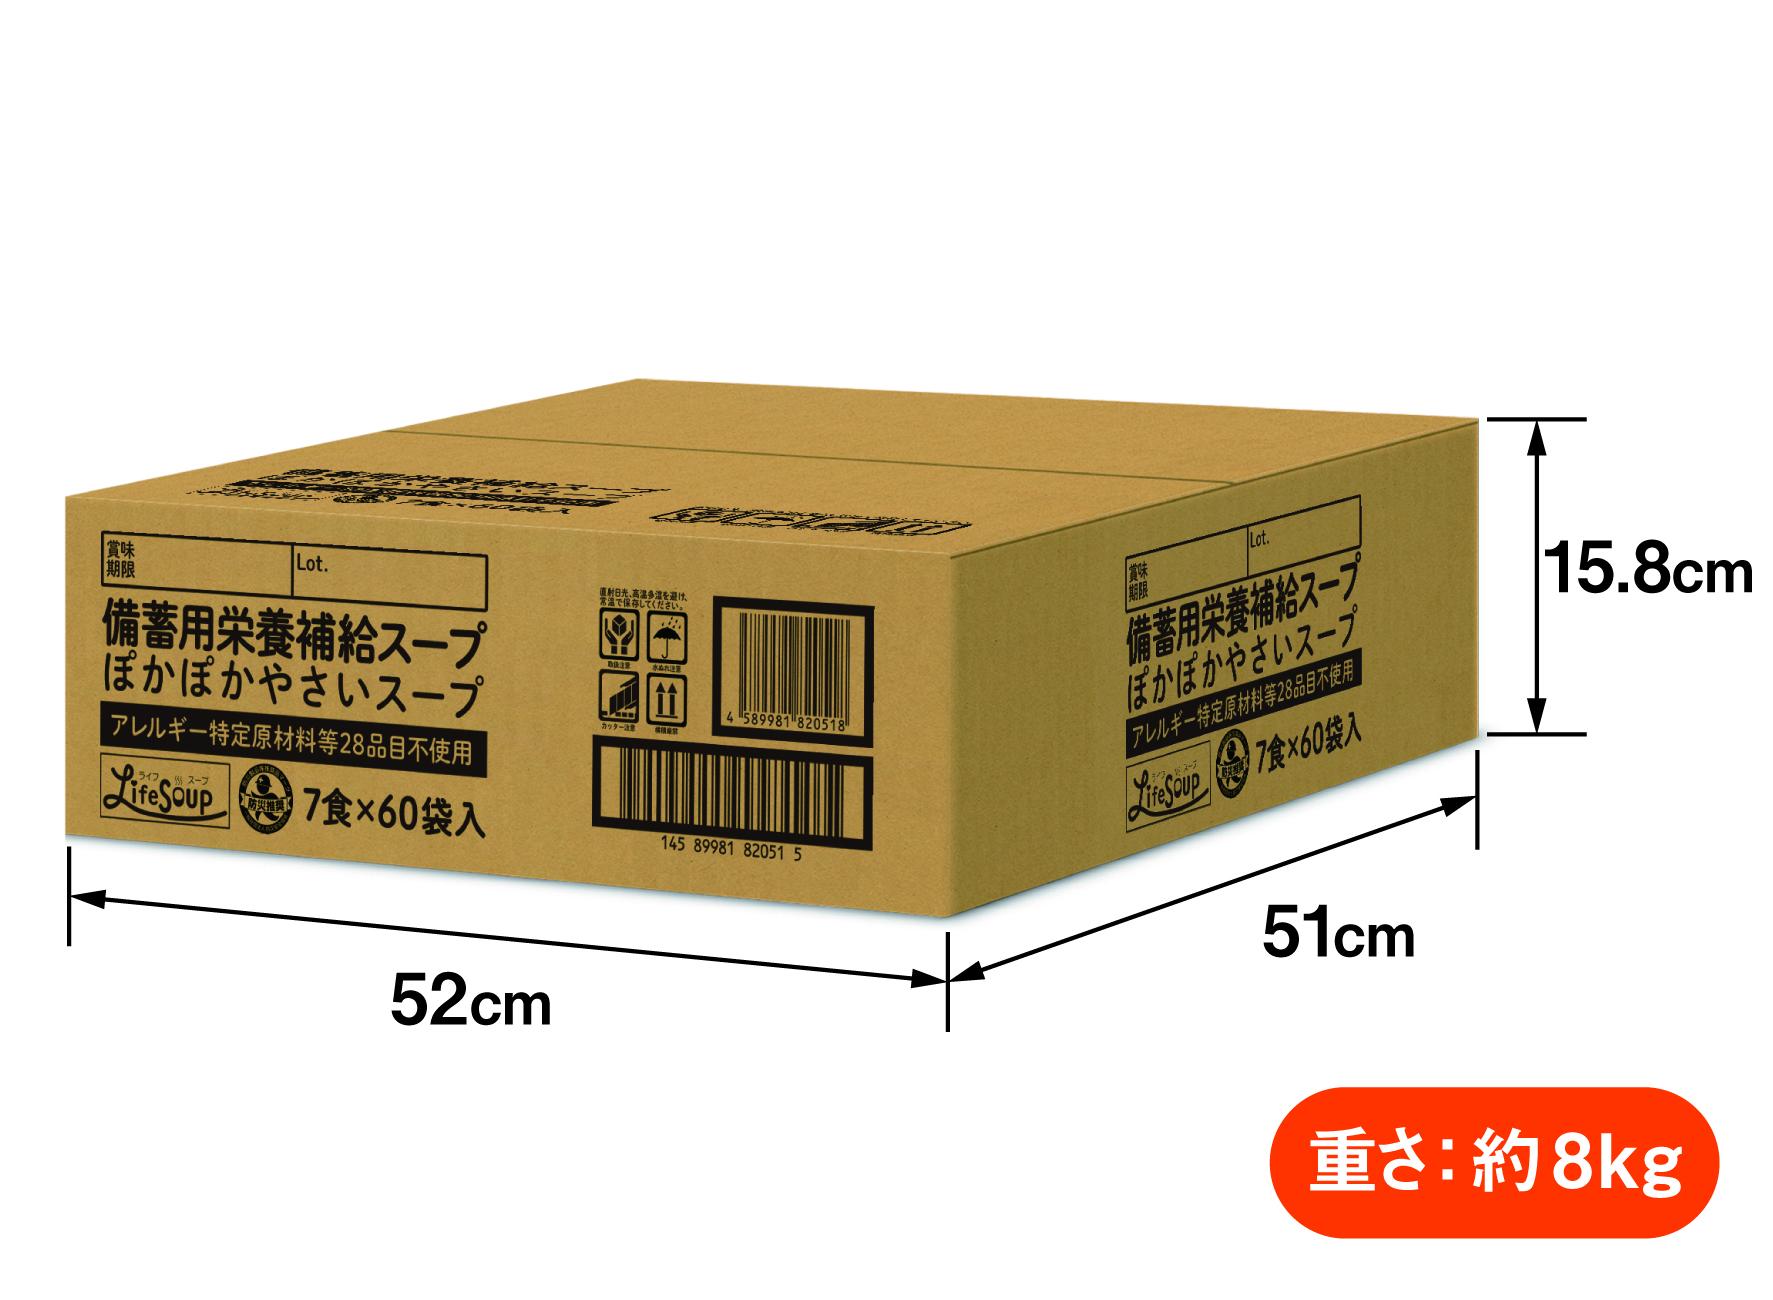 7食×60袋入り56cm×40cm×20cm重さ約8kg